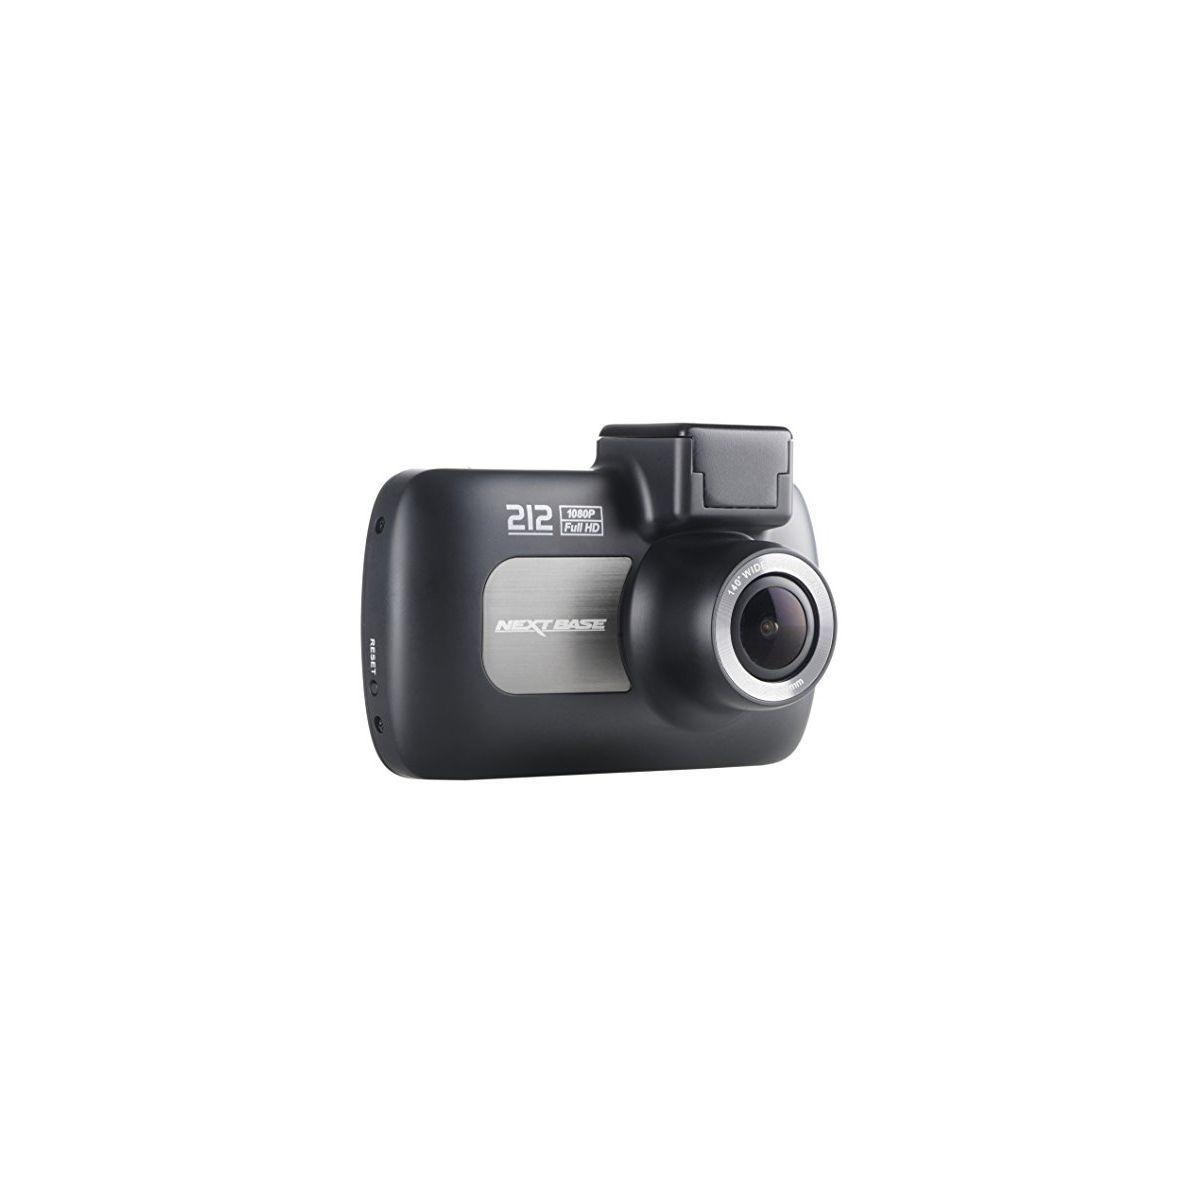 Caméra next base 212 - 7% de remise immédiate avec le code : cool7 (photo)